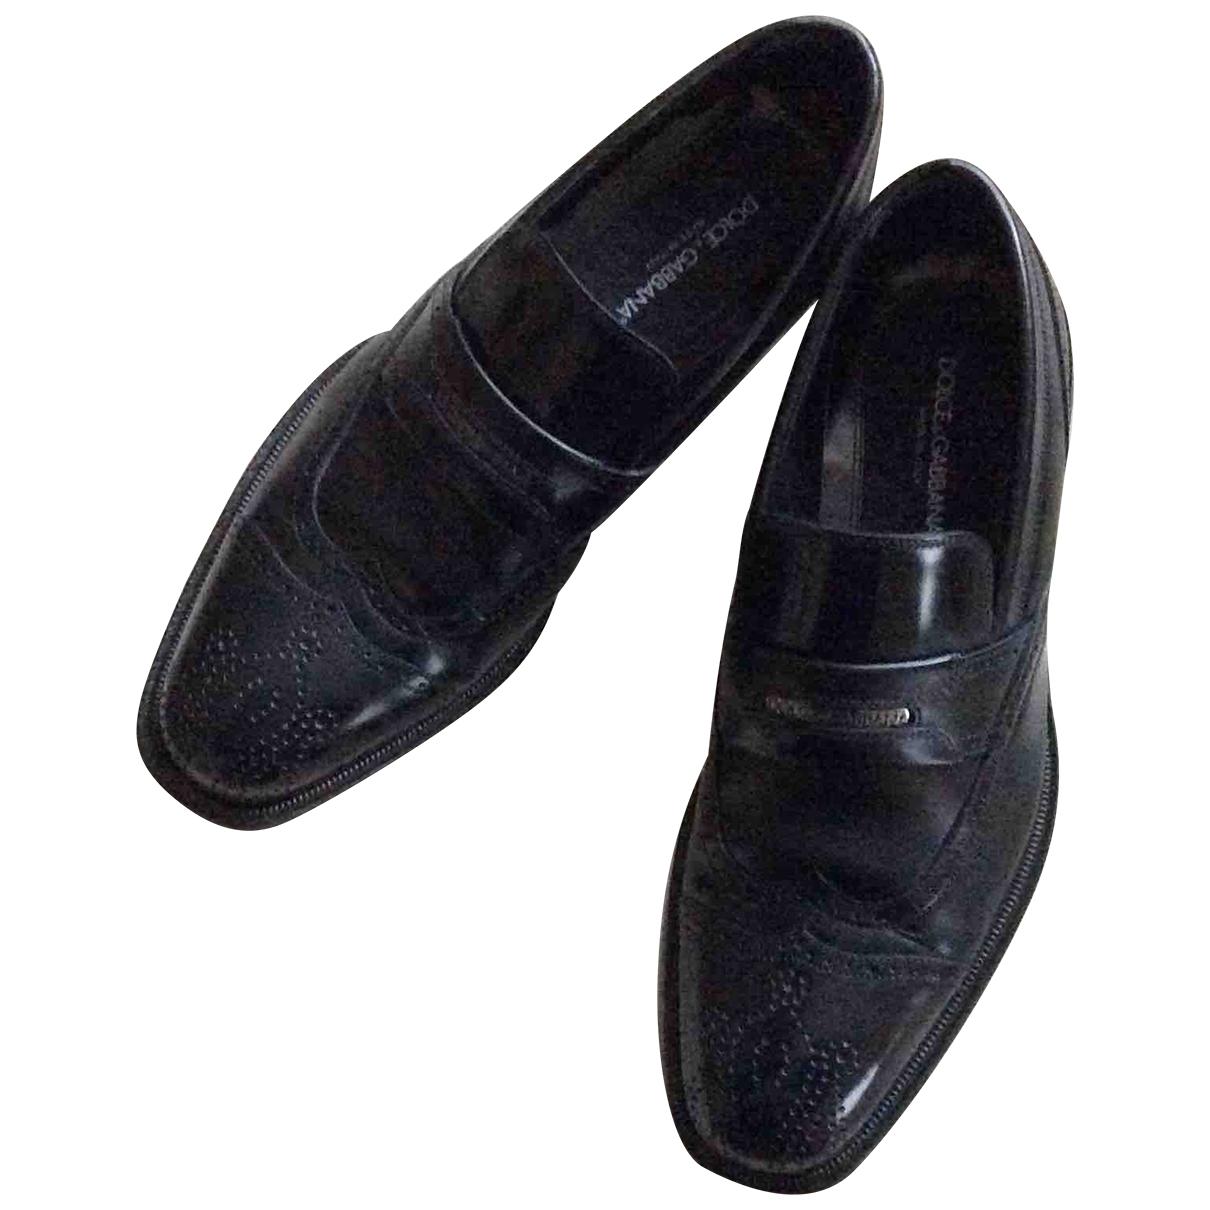 Dolce & Gabbana \N Black Leather Flats for Men 7 UK